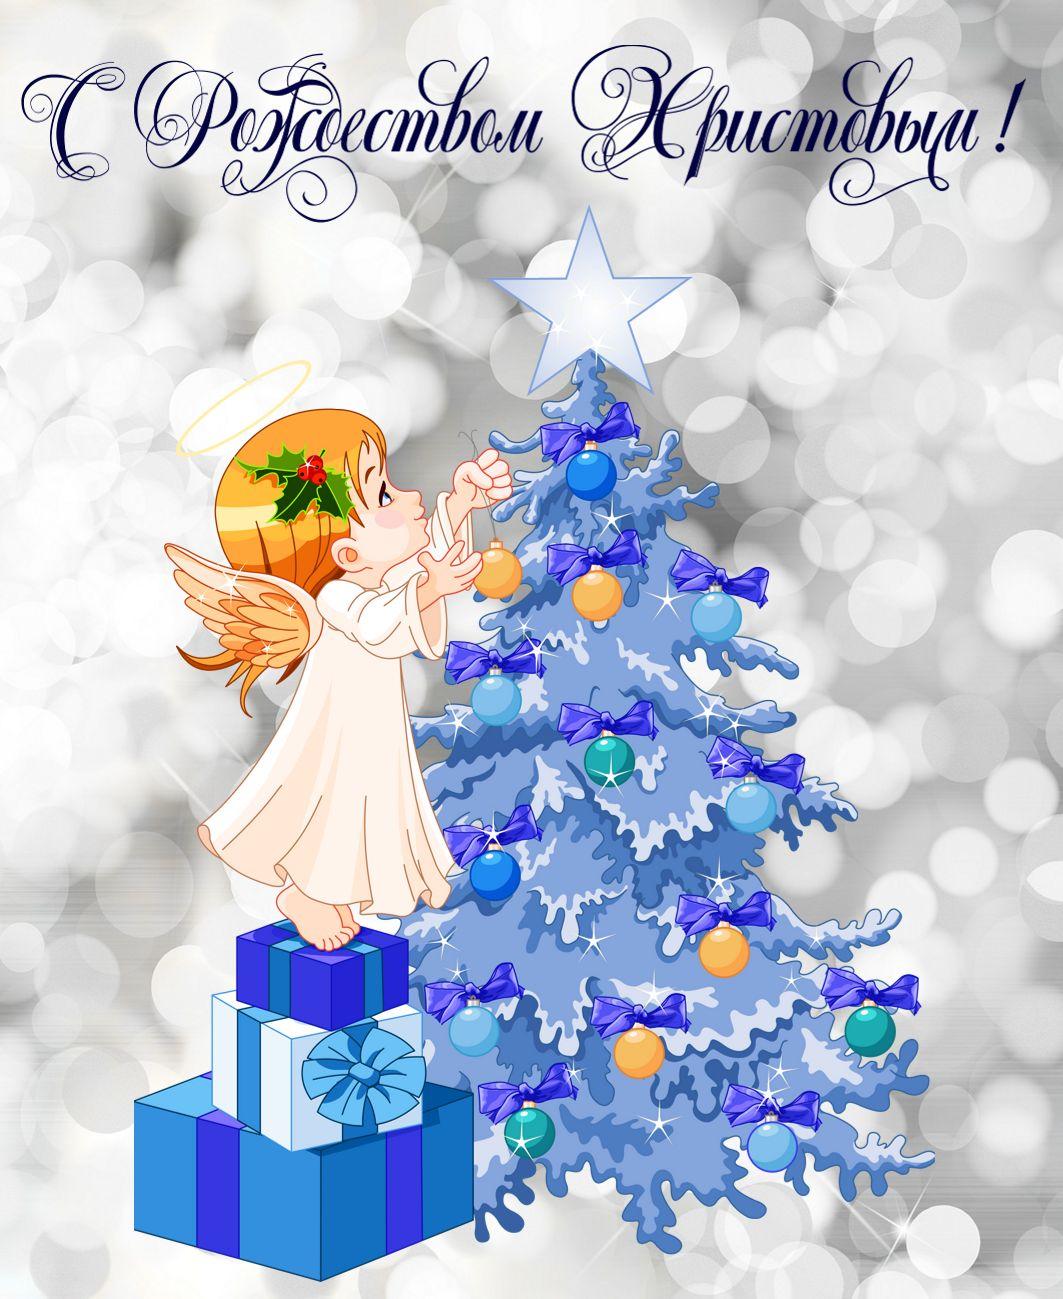 Открытка - нарядная елка к Рождеству Христову